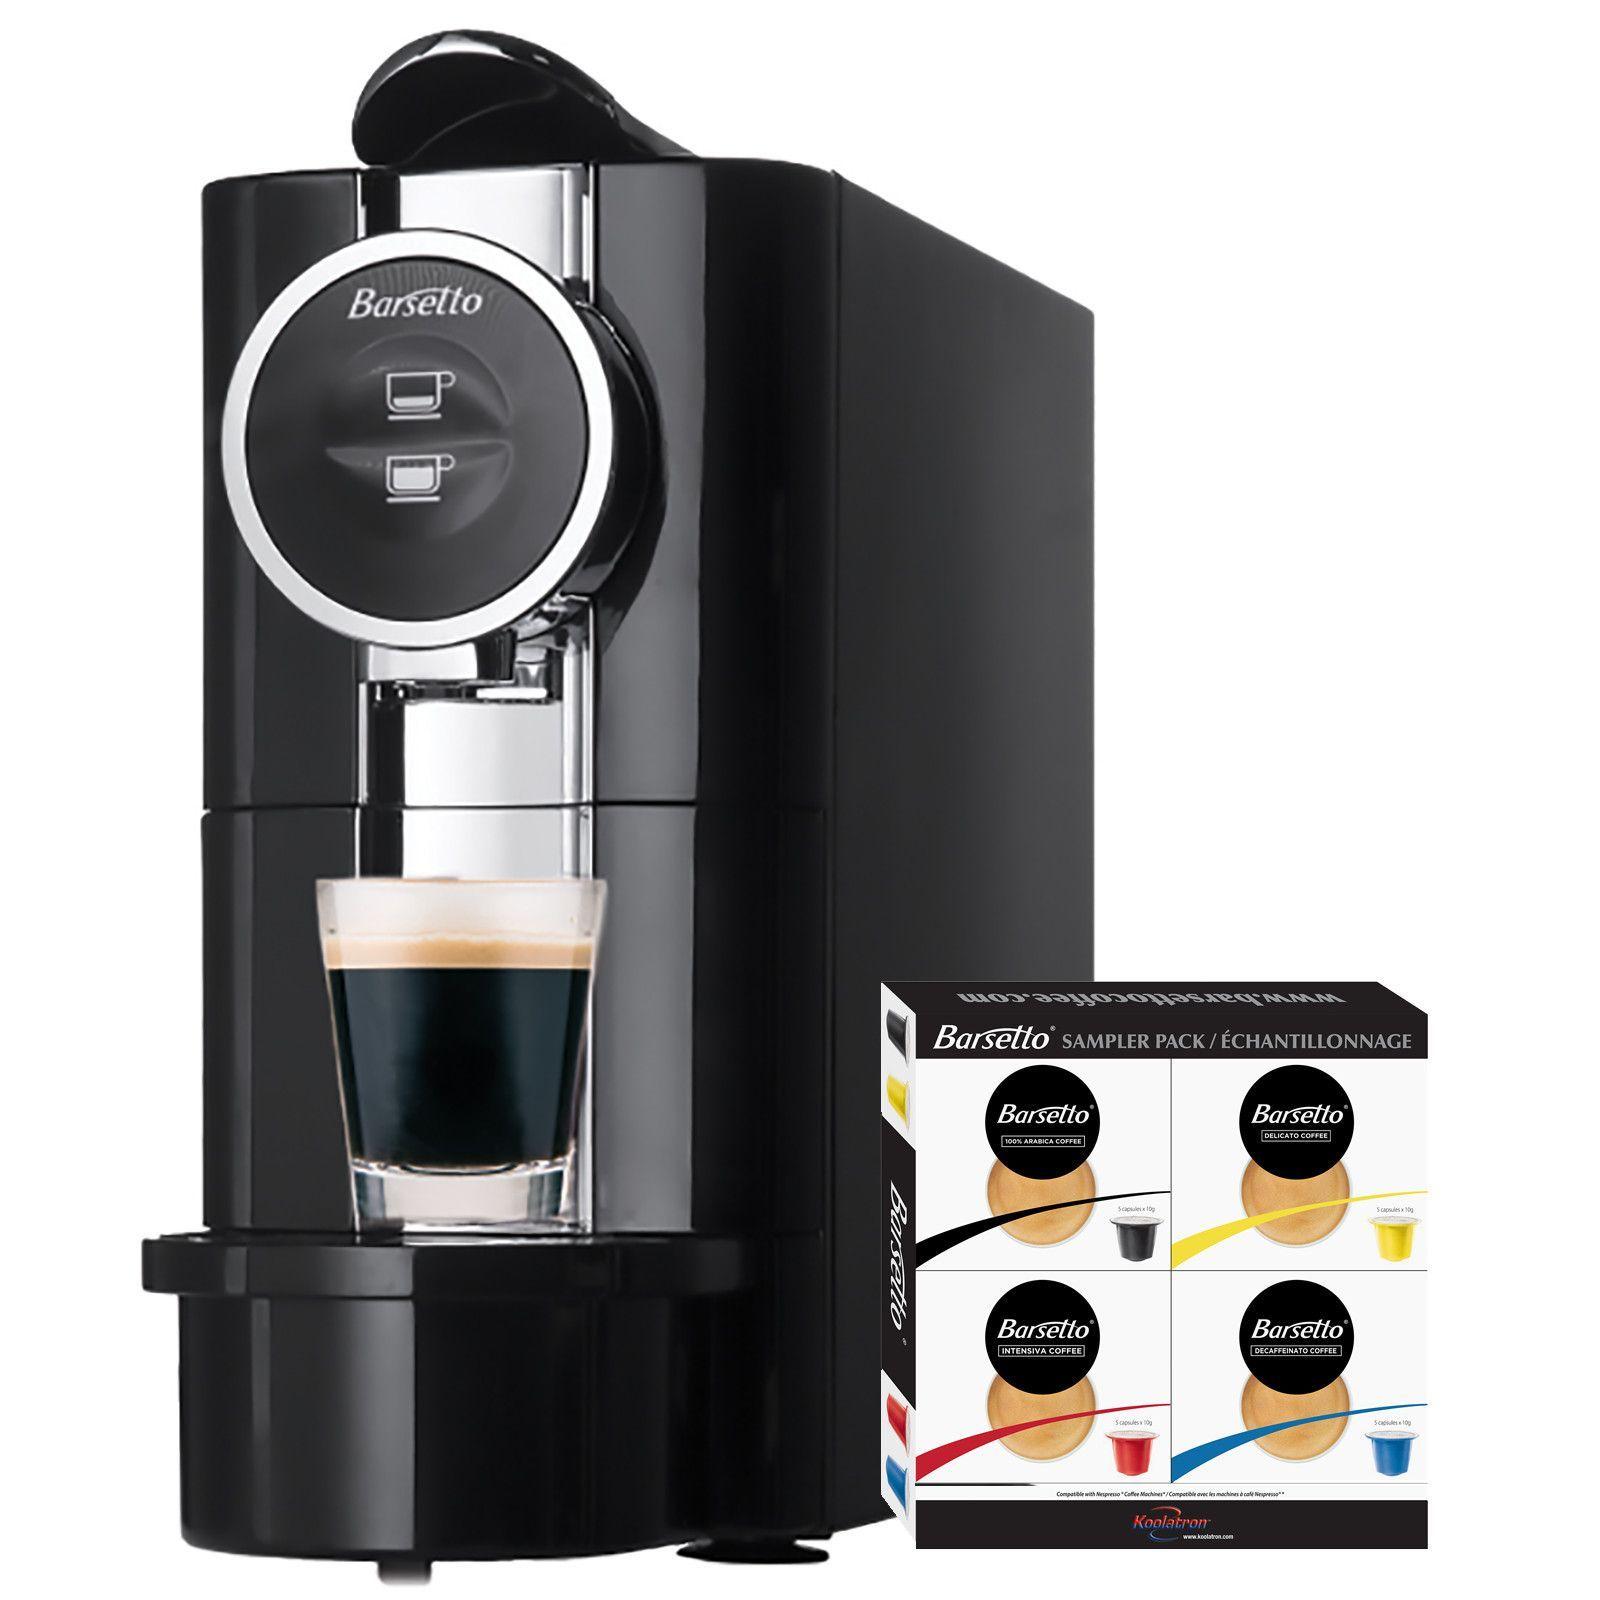 Barsetto Coffee/Espresso Maker